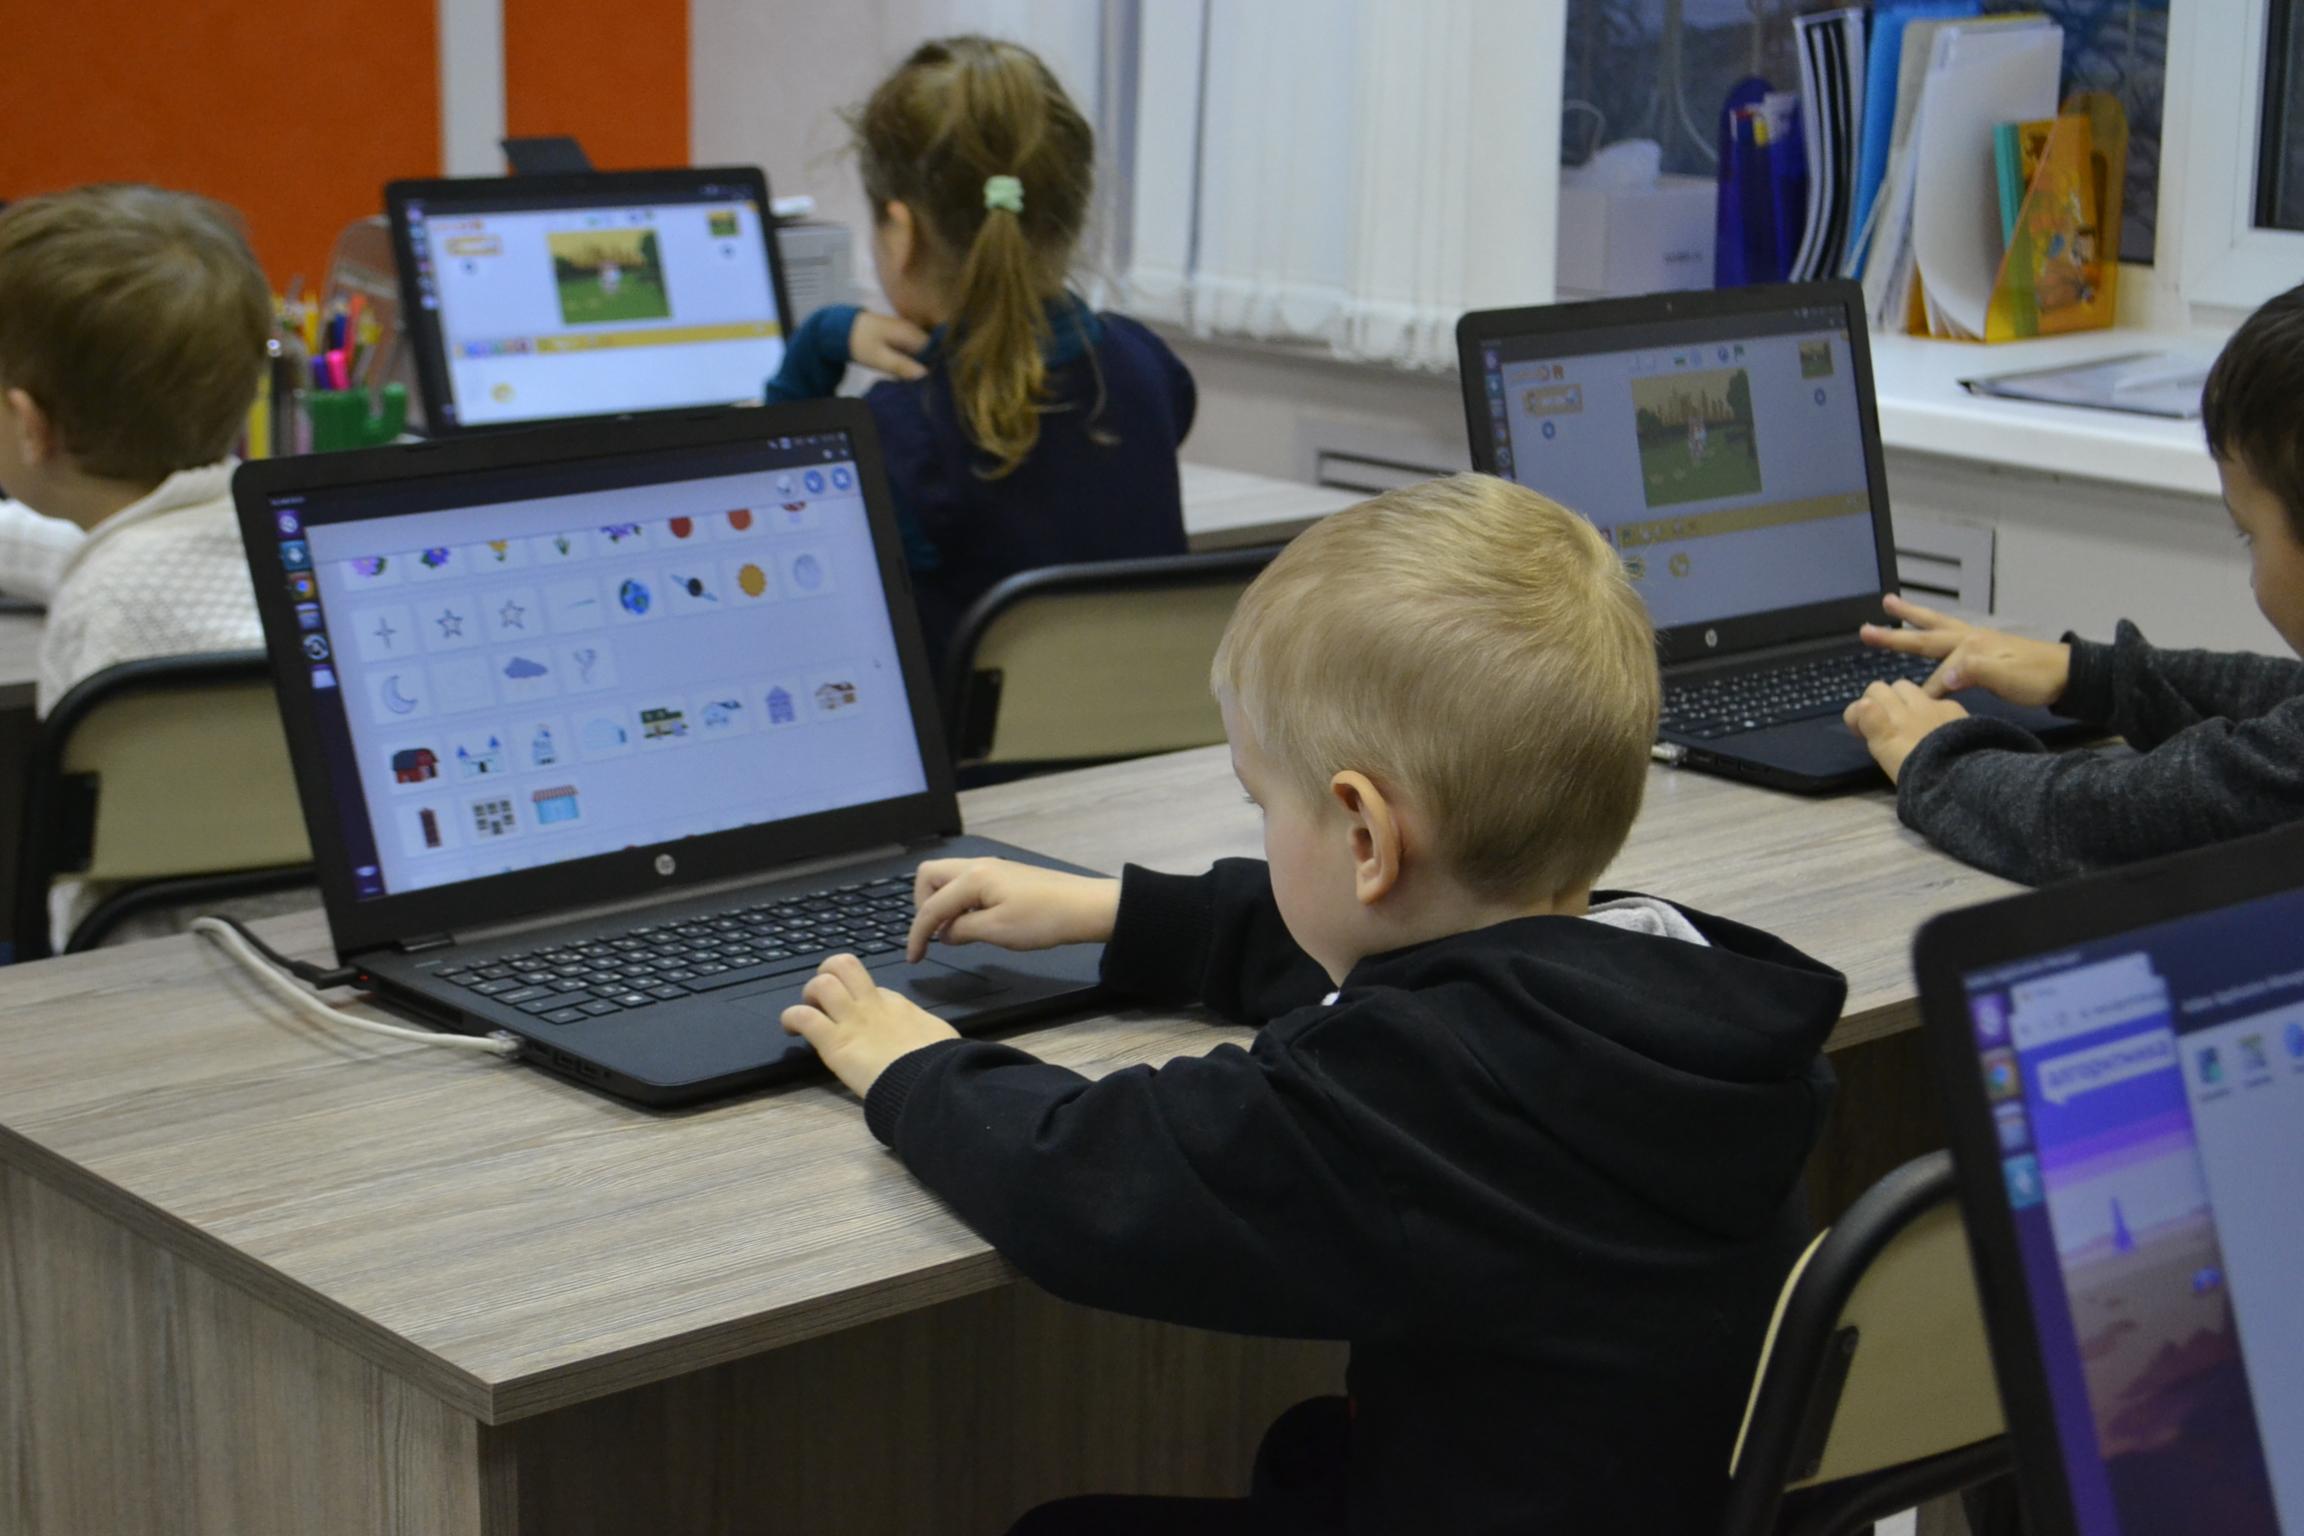 Как конкурс ВКонтакте помог раскрутить новую школу программирования в регионе